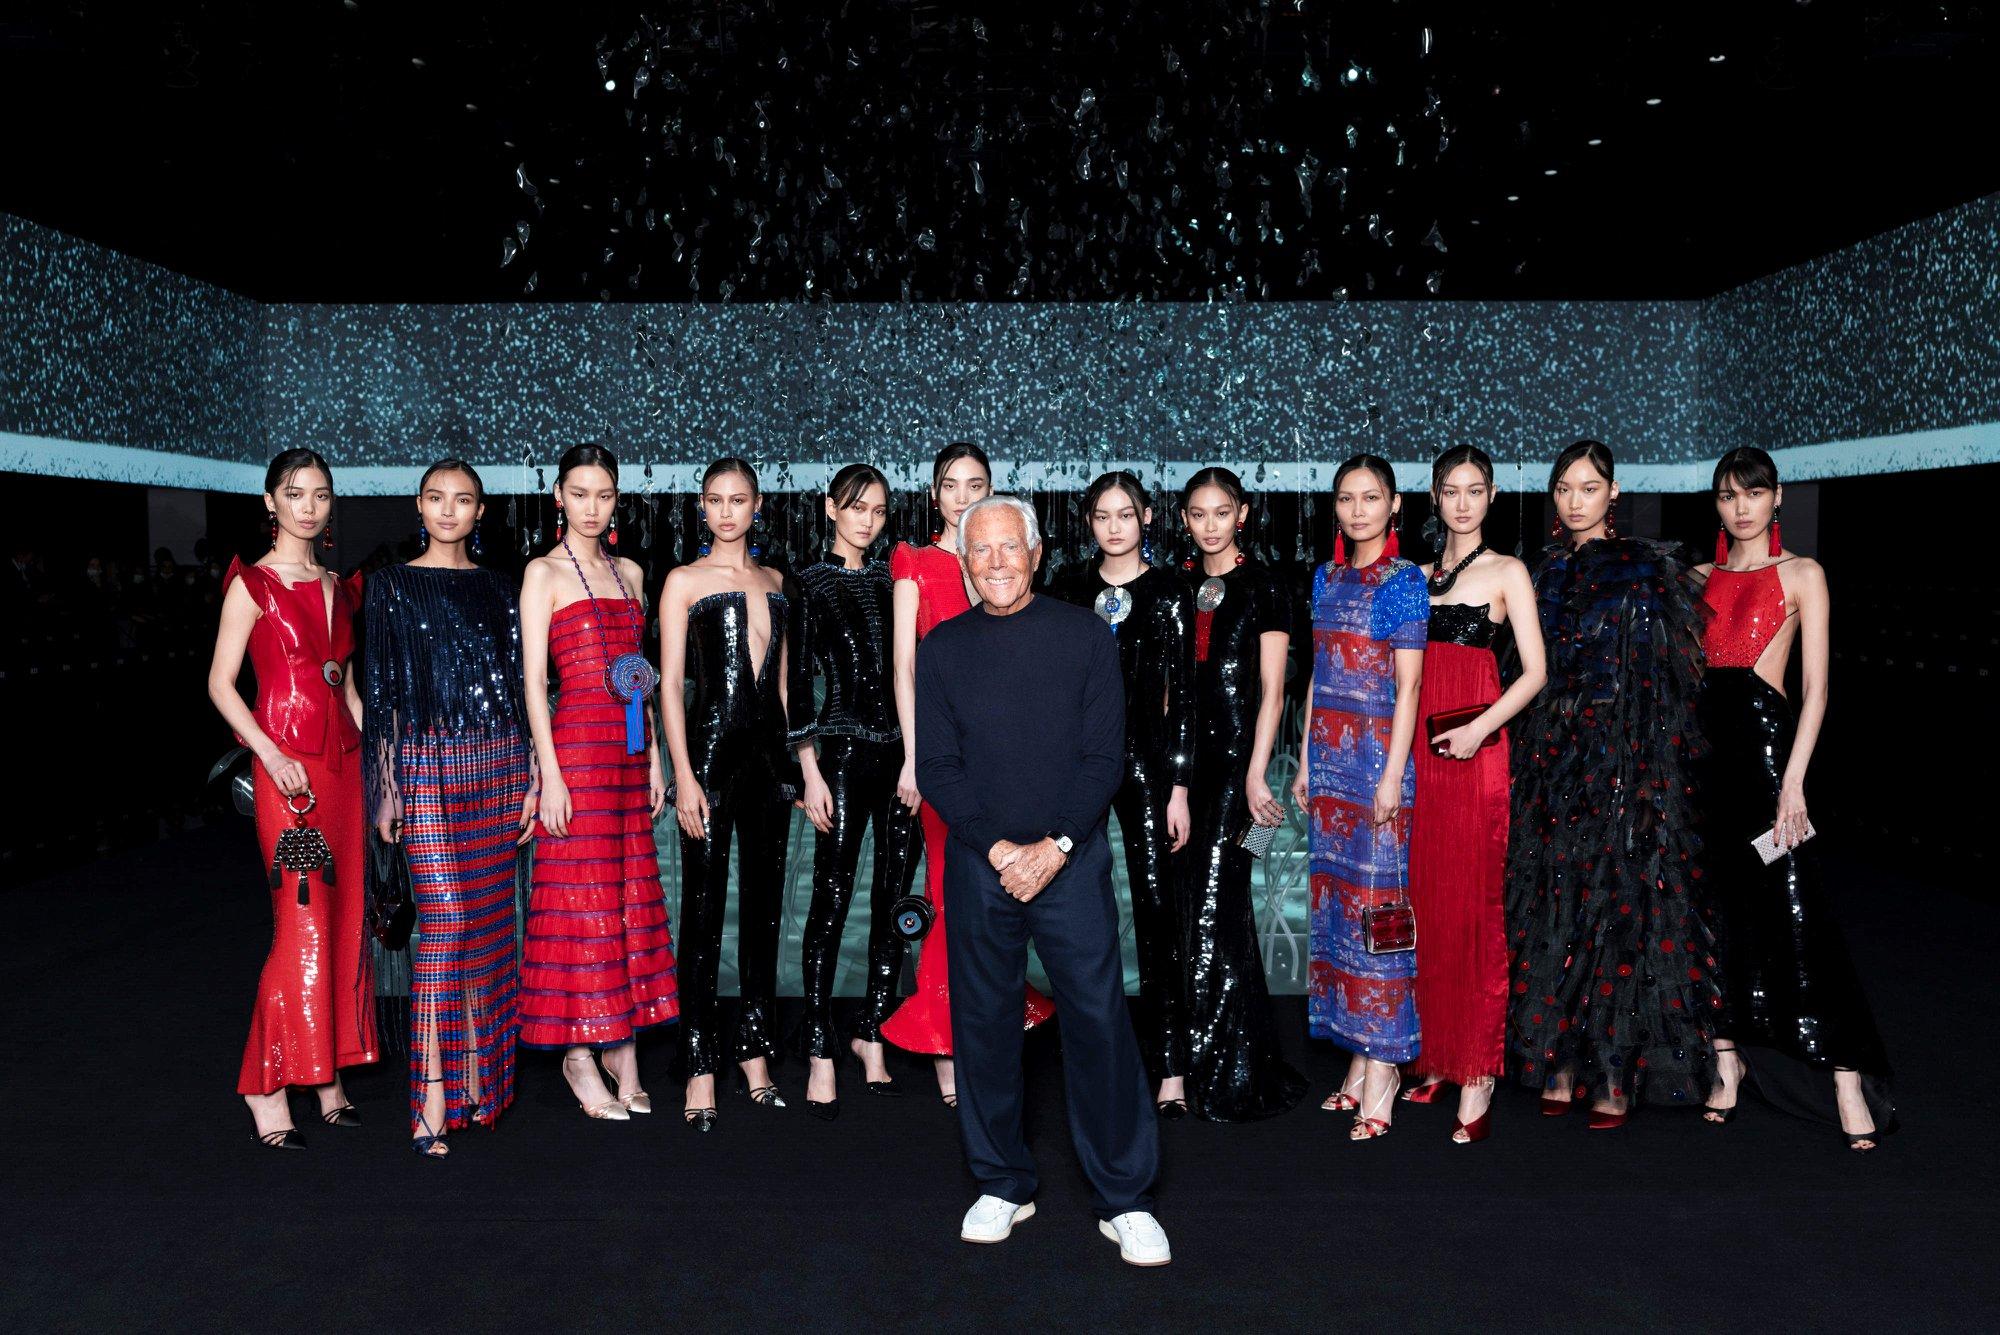 La moda ultraterrena di Giorgio Armani